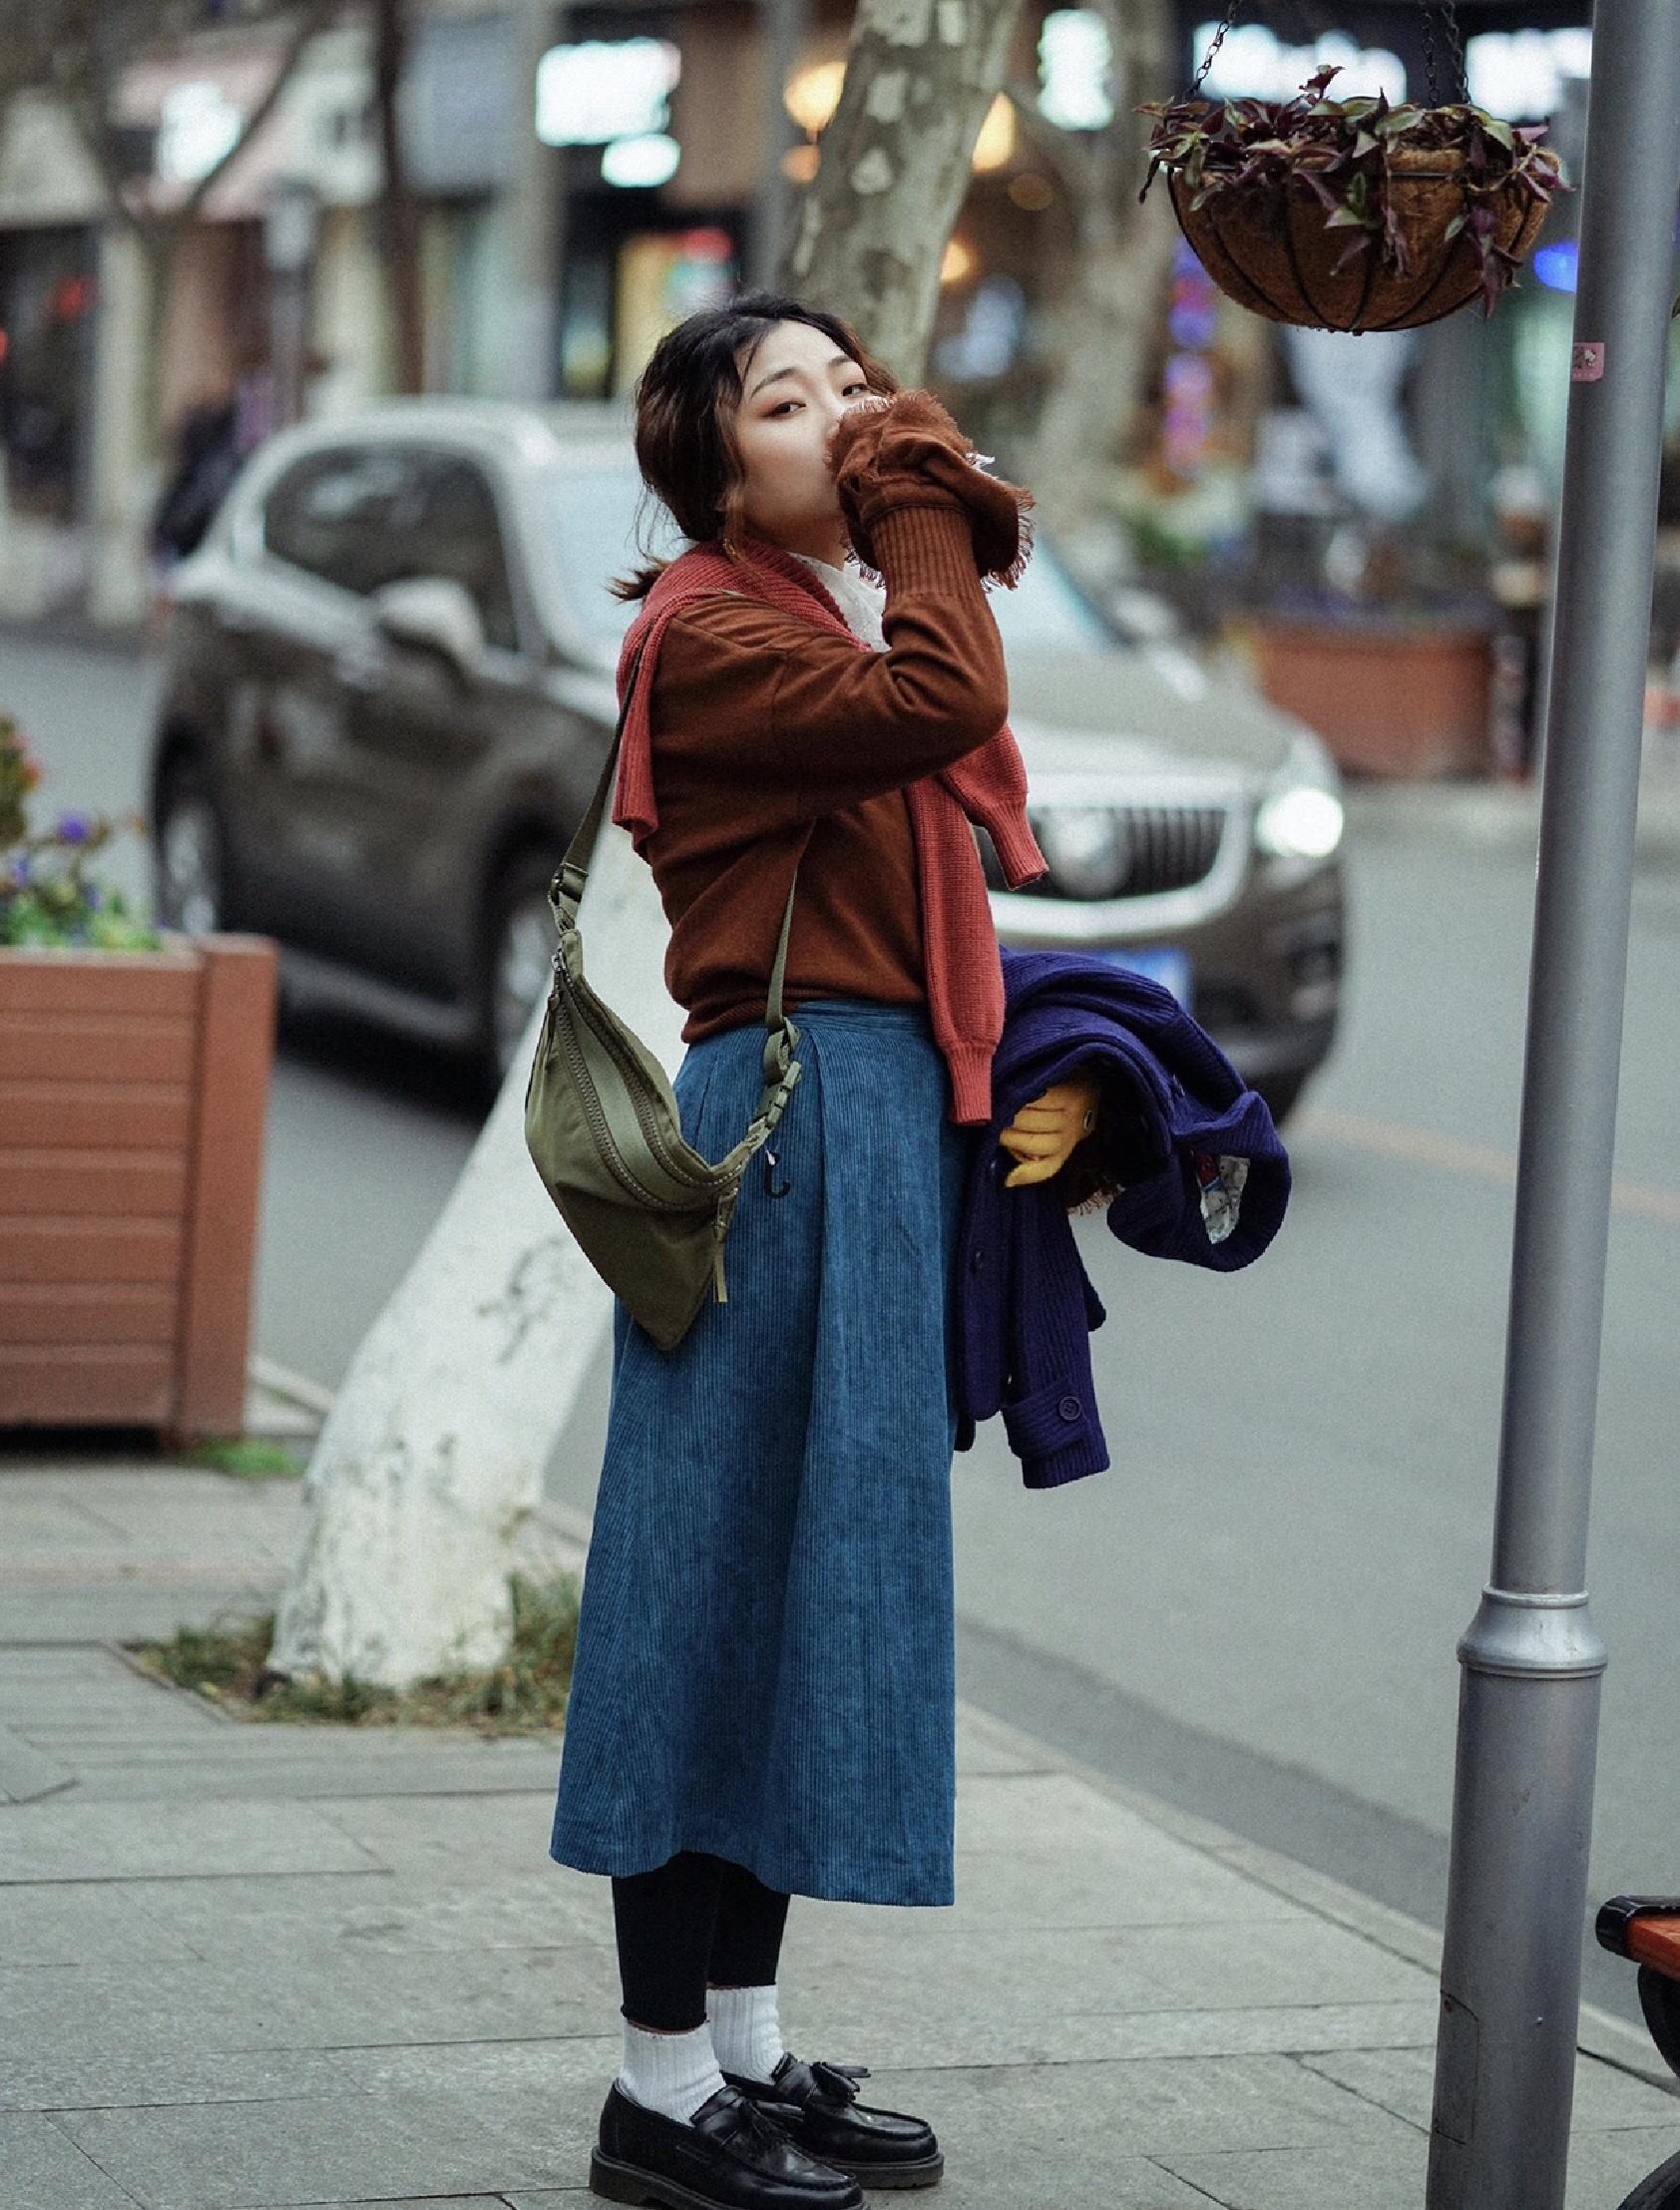 """#双11没看头? 大家""""裙""""起而攻之# 天气说冷就冷,赶紧把毛衣穿上,不过为了可爱一点,选择了灯芯绒的半裙进行配衬。  而在打底裤与小皮鞋之间没有使用过多的技巧,仅仅以白袜进行点缀就够了,层次鲜明。  最后将红色毛衣系在脖子上,从层次上提亮整体造型。"""